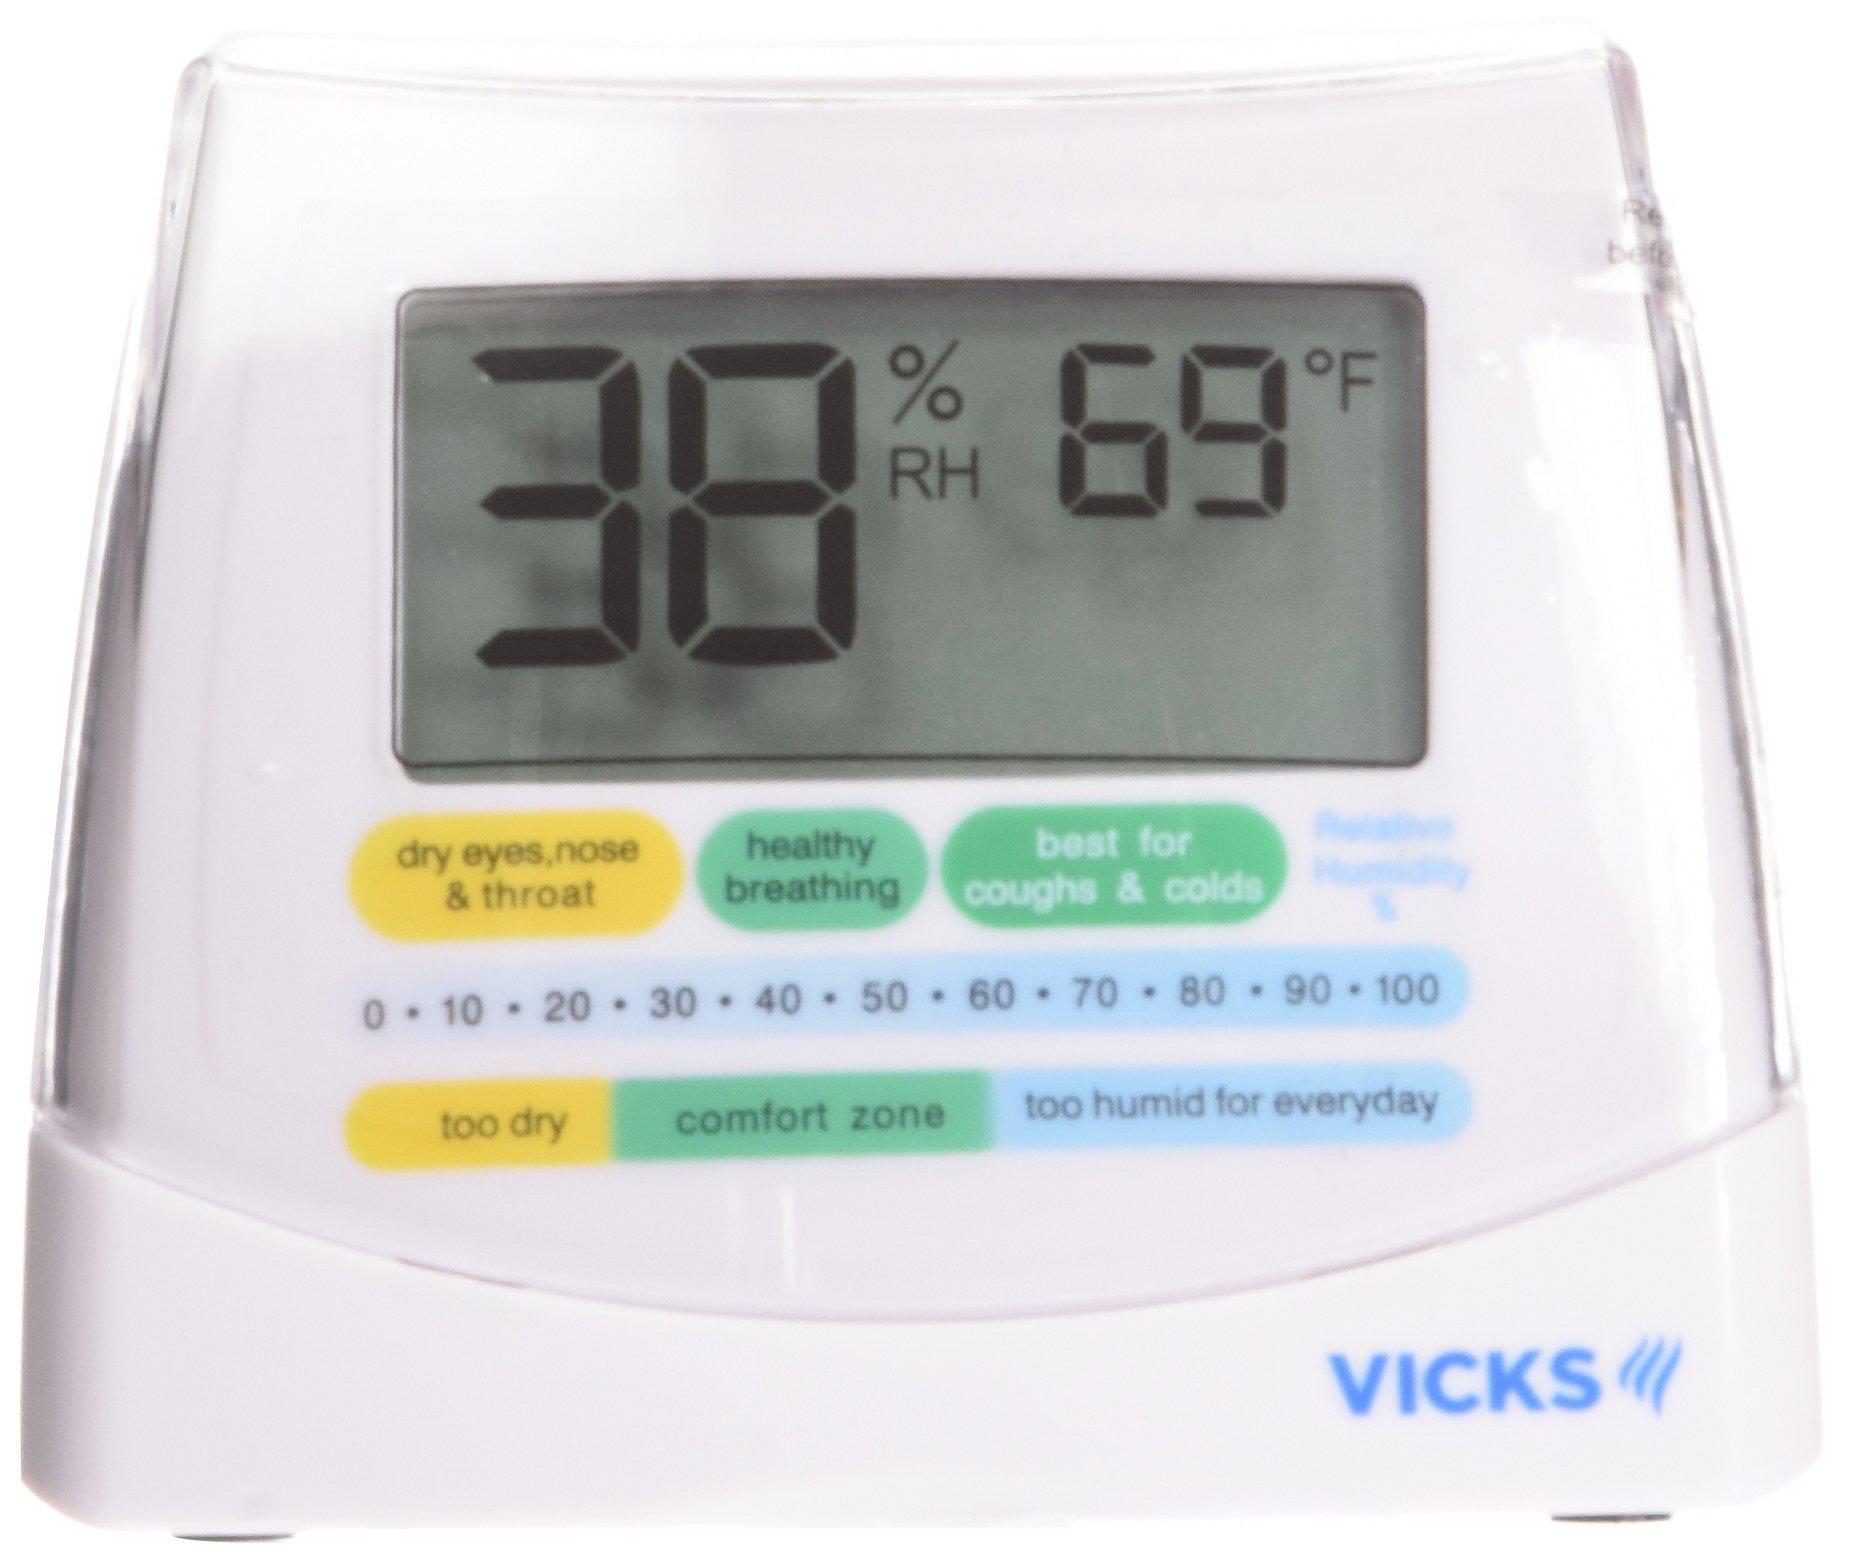 Kaz Vicks Humidity Monitor